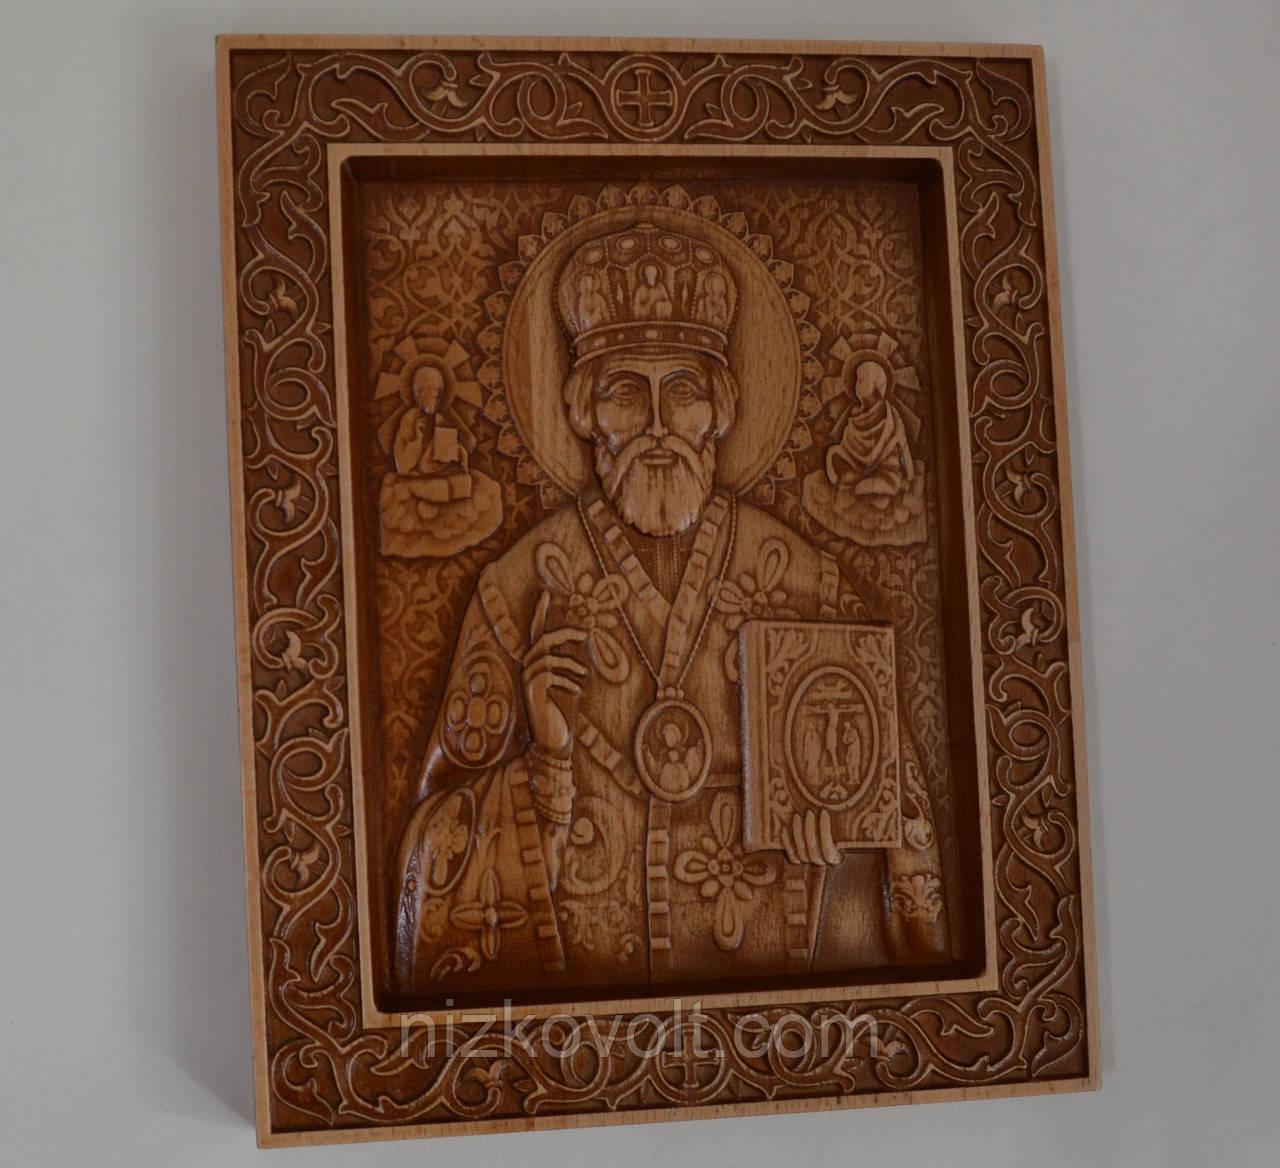 Дерев'яна ікона Миколи Чудотворця з різьбою 200*225*18 мм